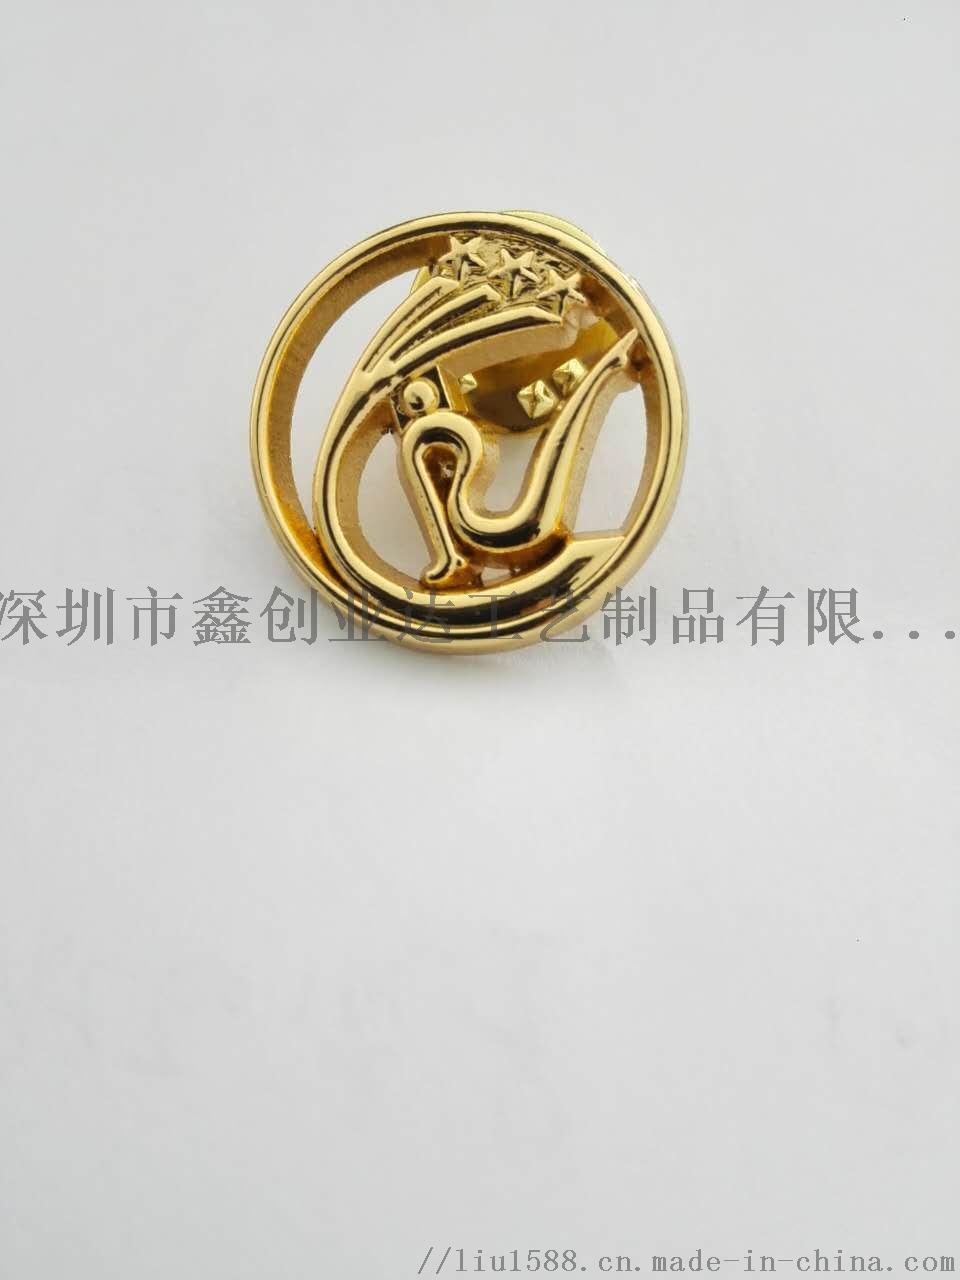 石家庄定制金属标牌纪念章徽章胸章logo订做设计131372025